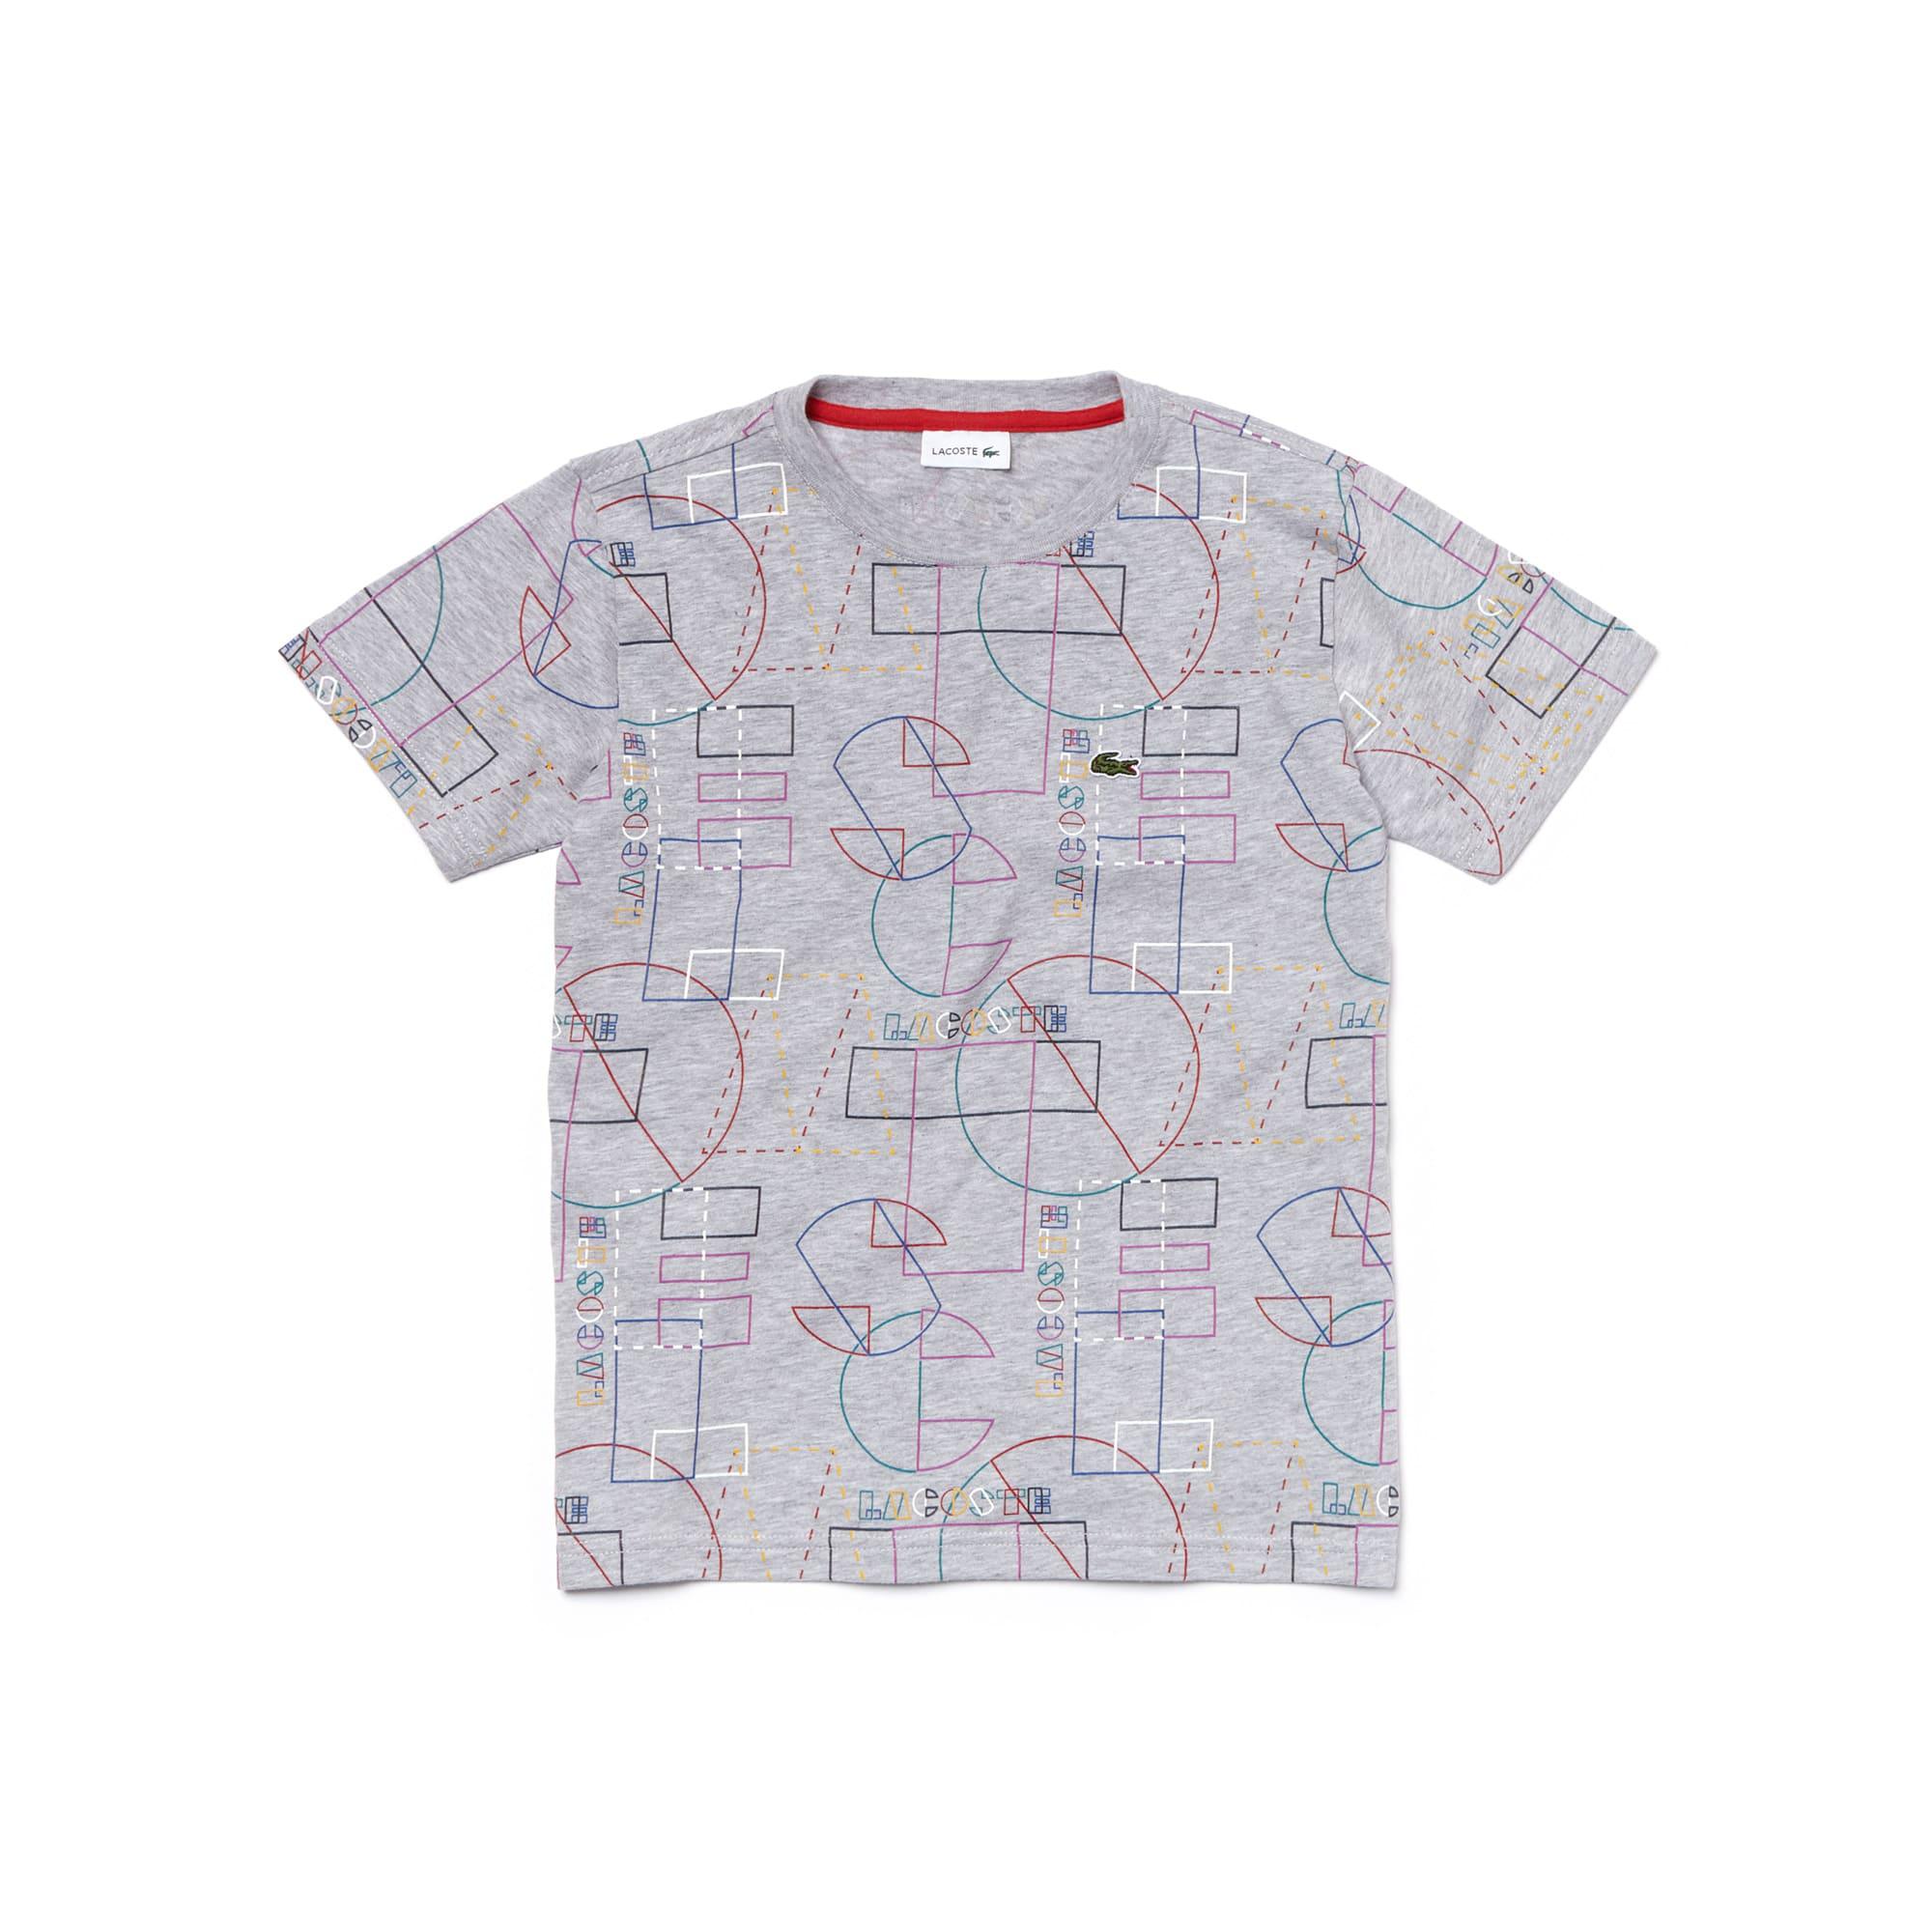 Jungen T-Shirt aus Baumwolljersey mit geometrischem Print